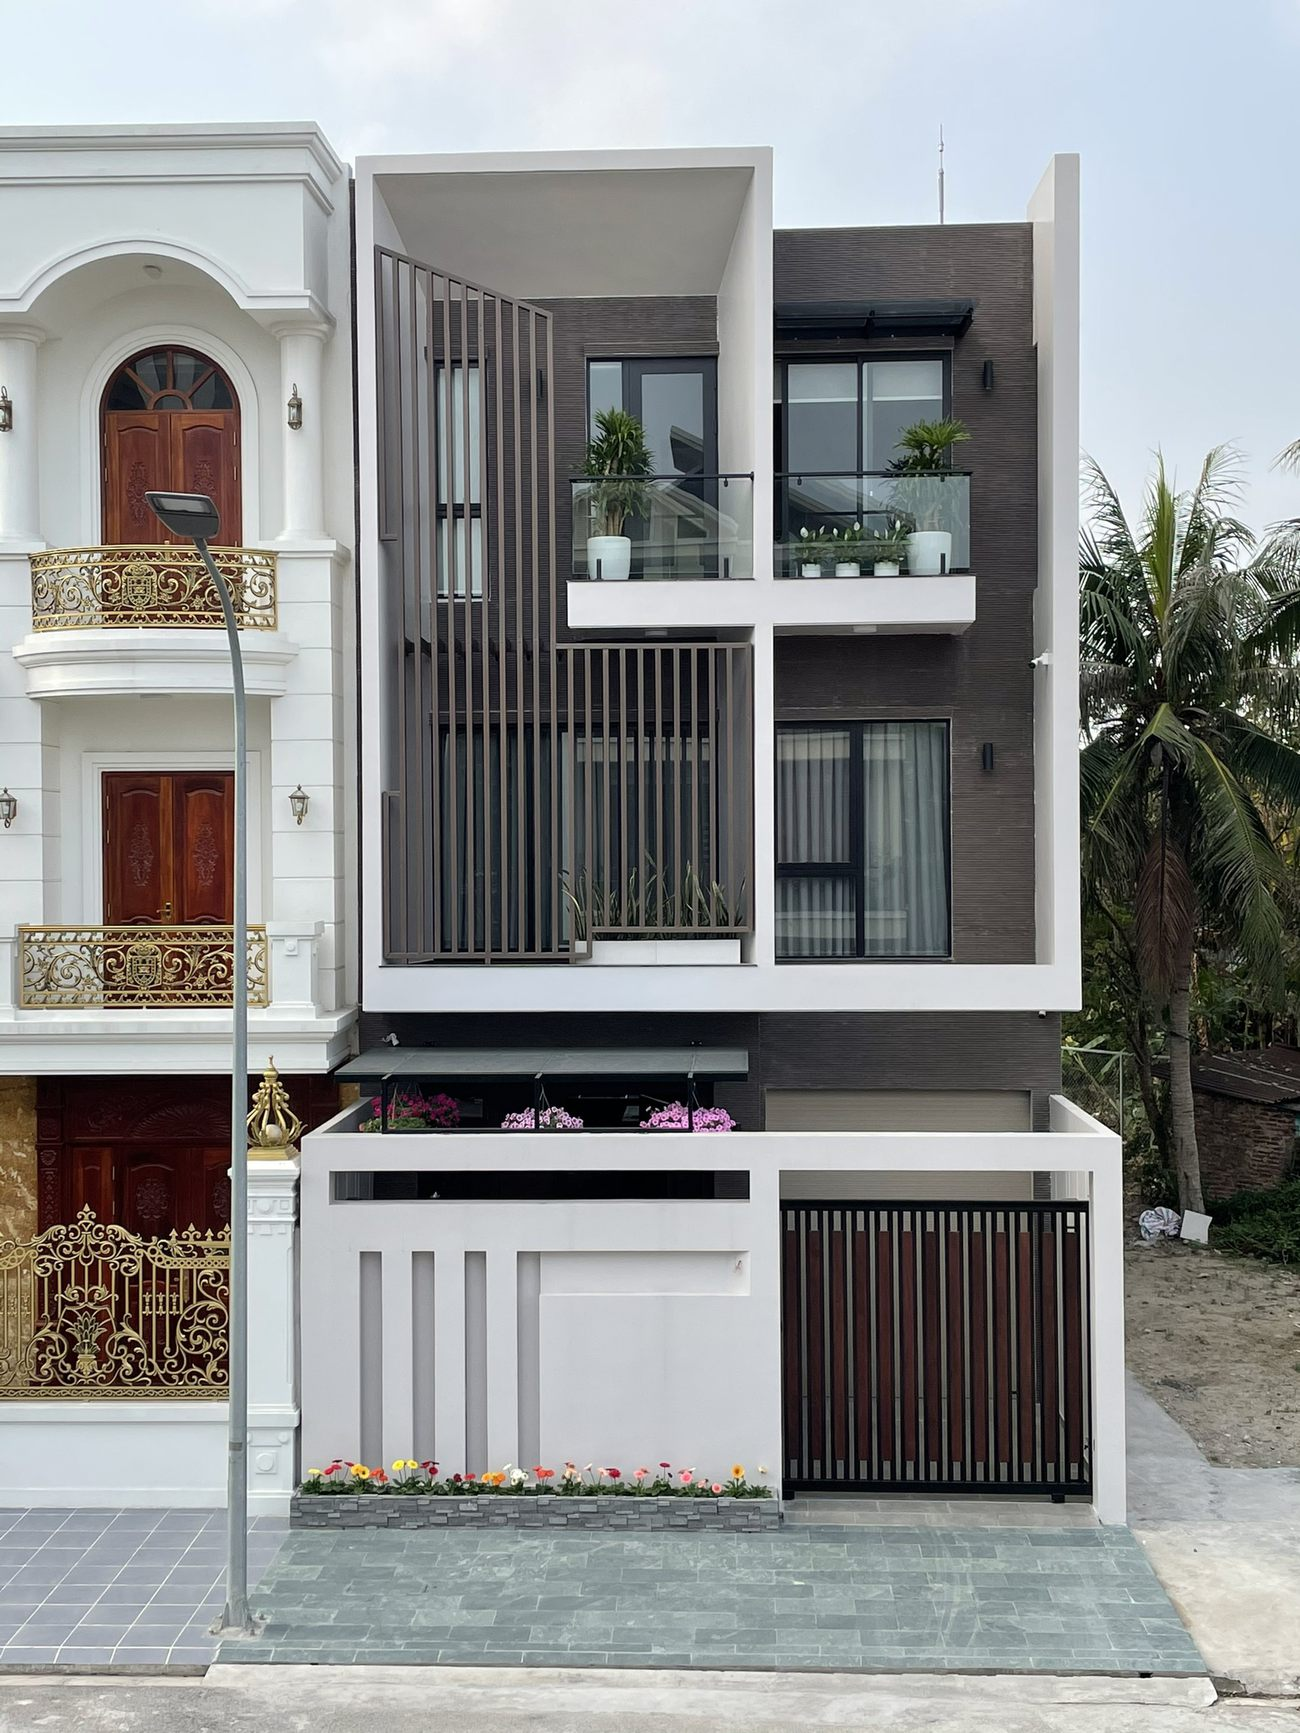 Nhà của Ms. Phương - Ngô Quyền, Hải Phòng